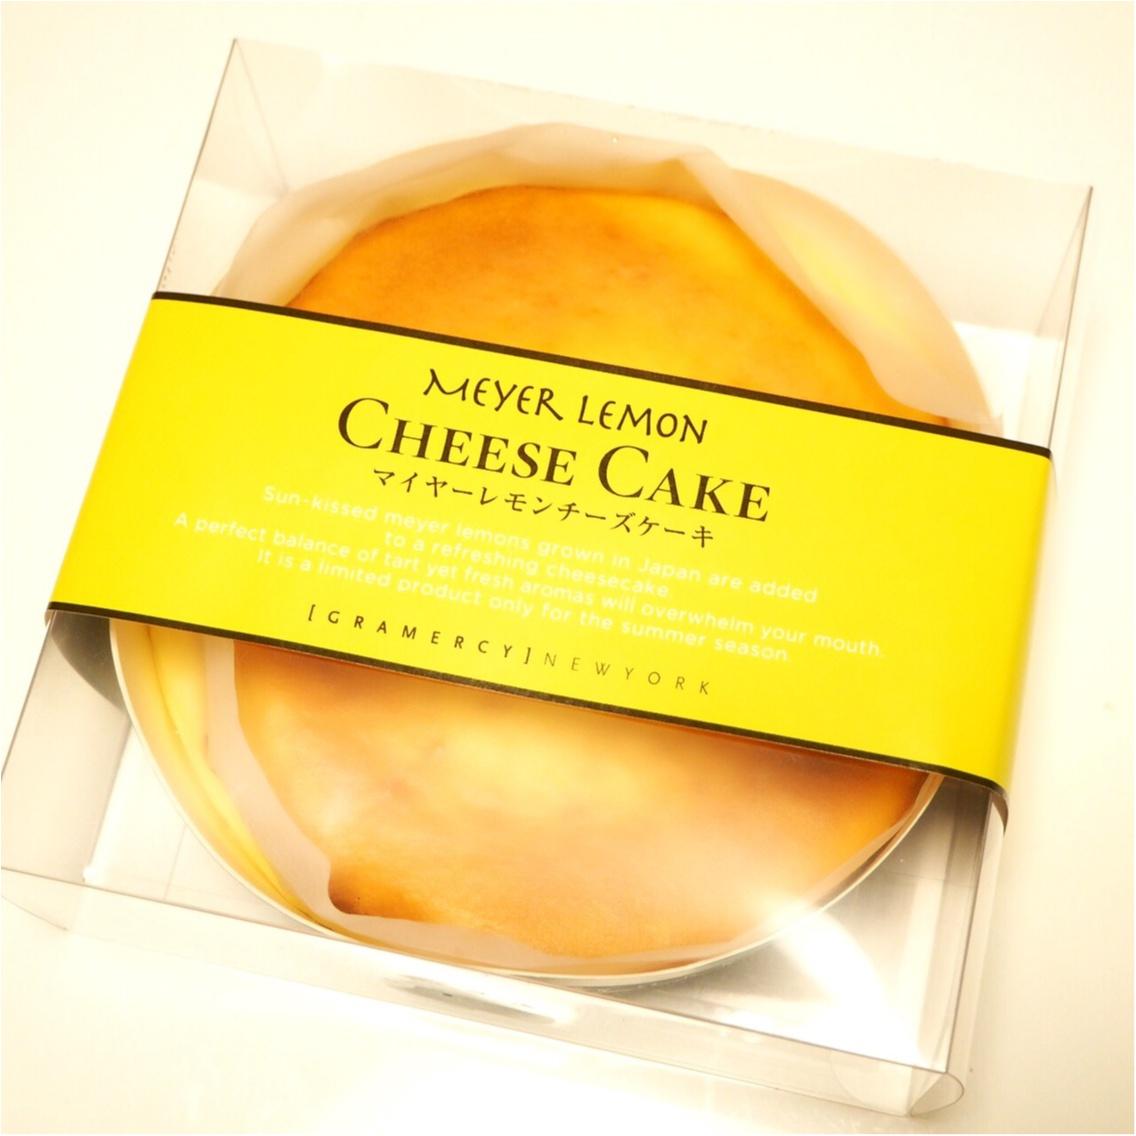 グラマシーニューヨークの期間限定チーズケーキ、もう食べた?_1